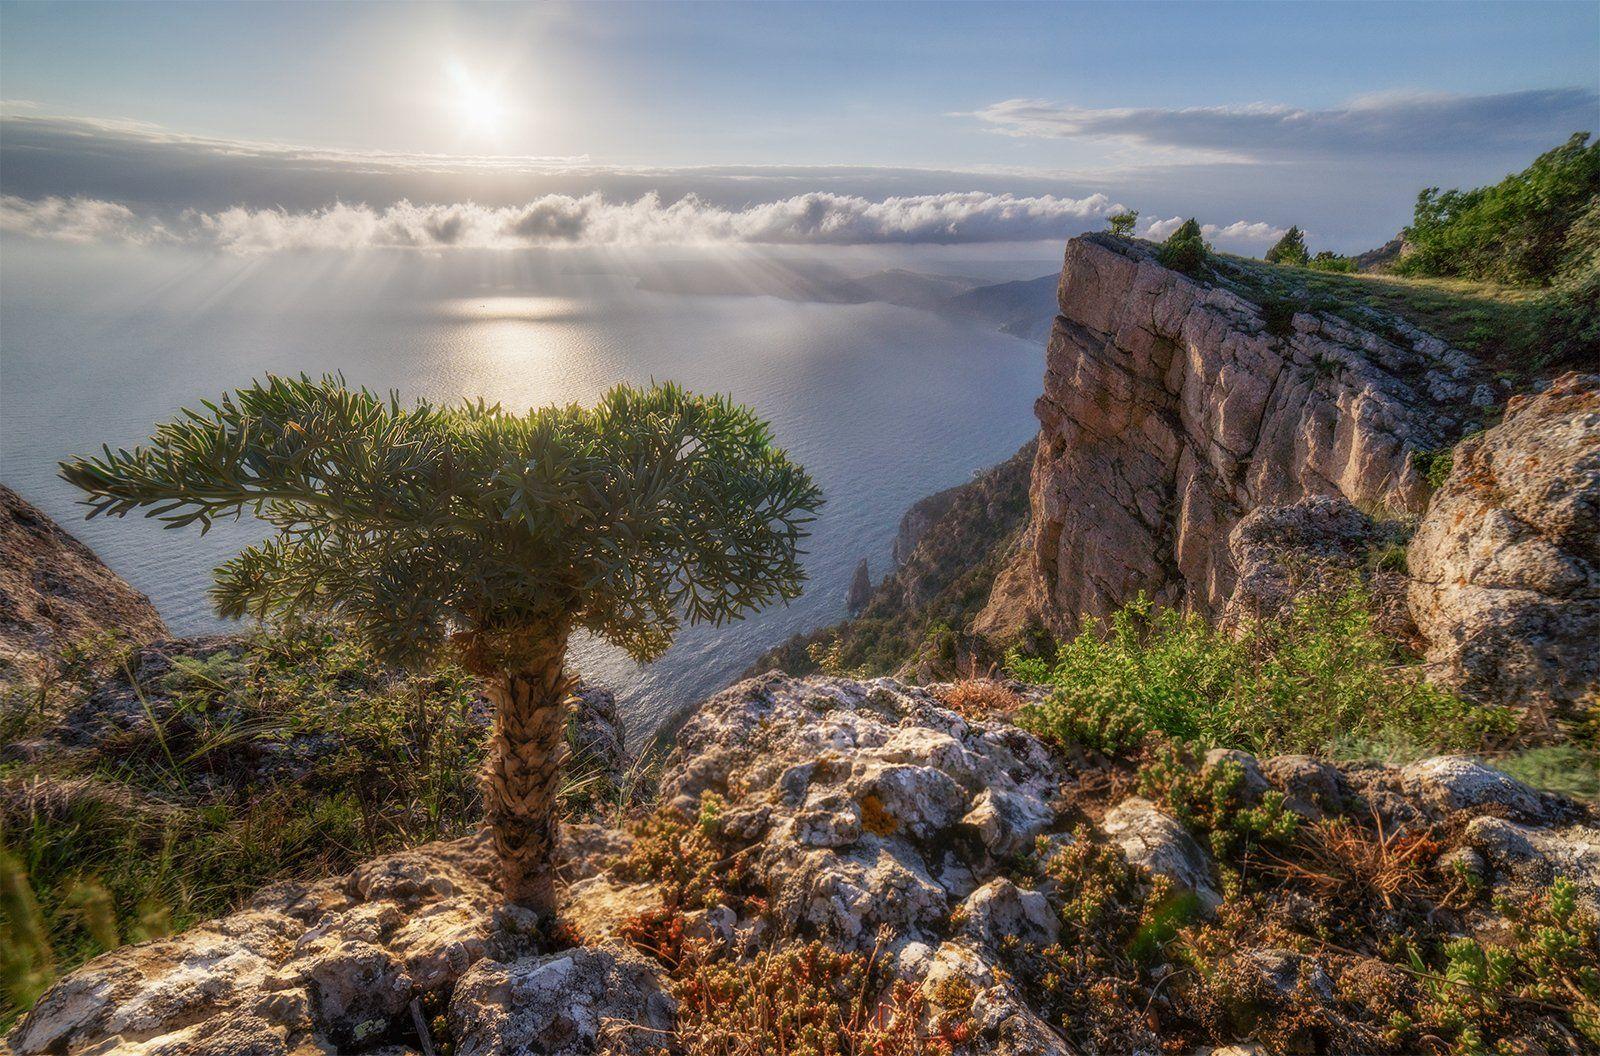 пейзаж, море, горы, весна, крым, дерево, Макс